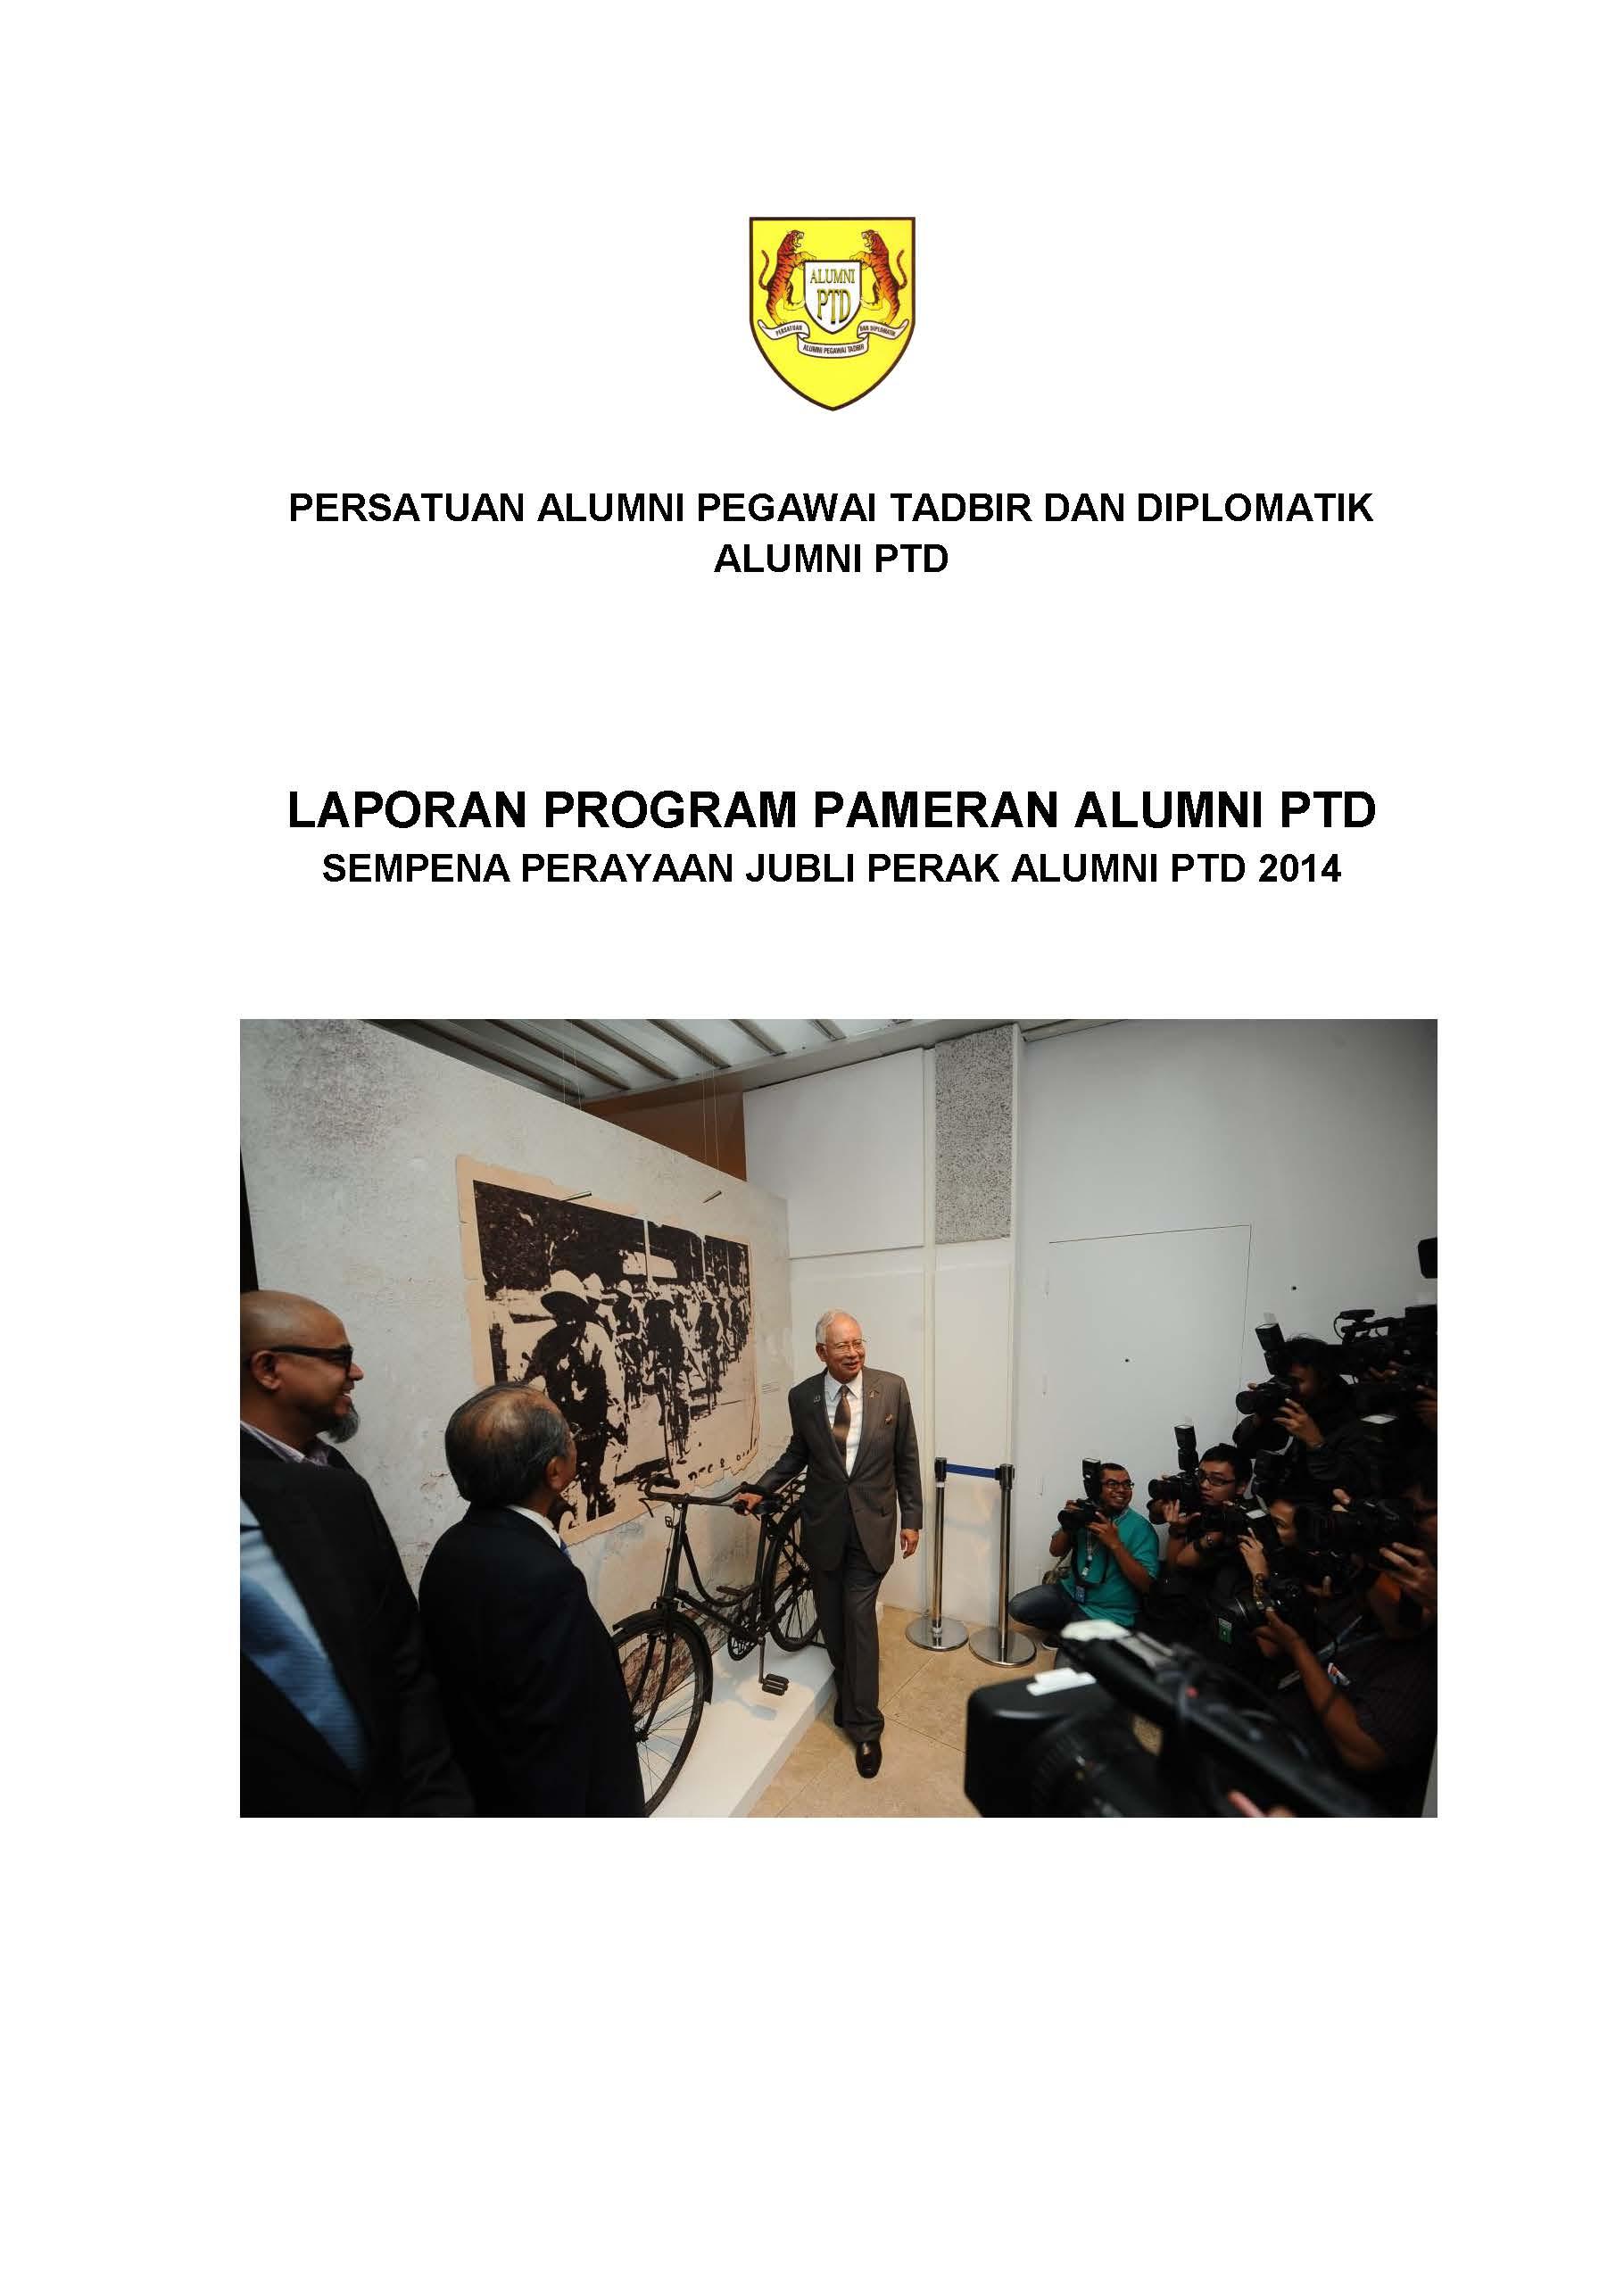 2014 Laporan Pameran Alumni PTD